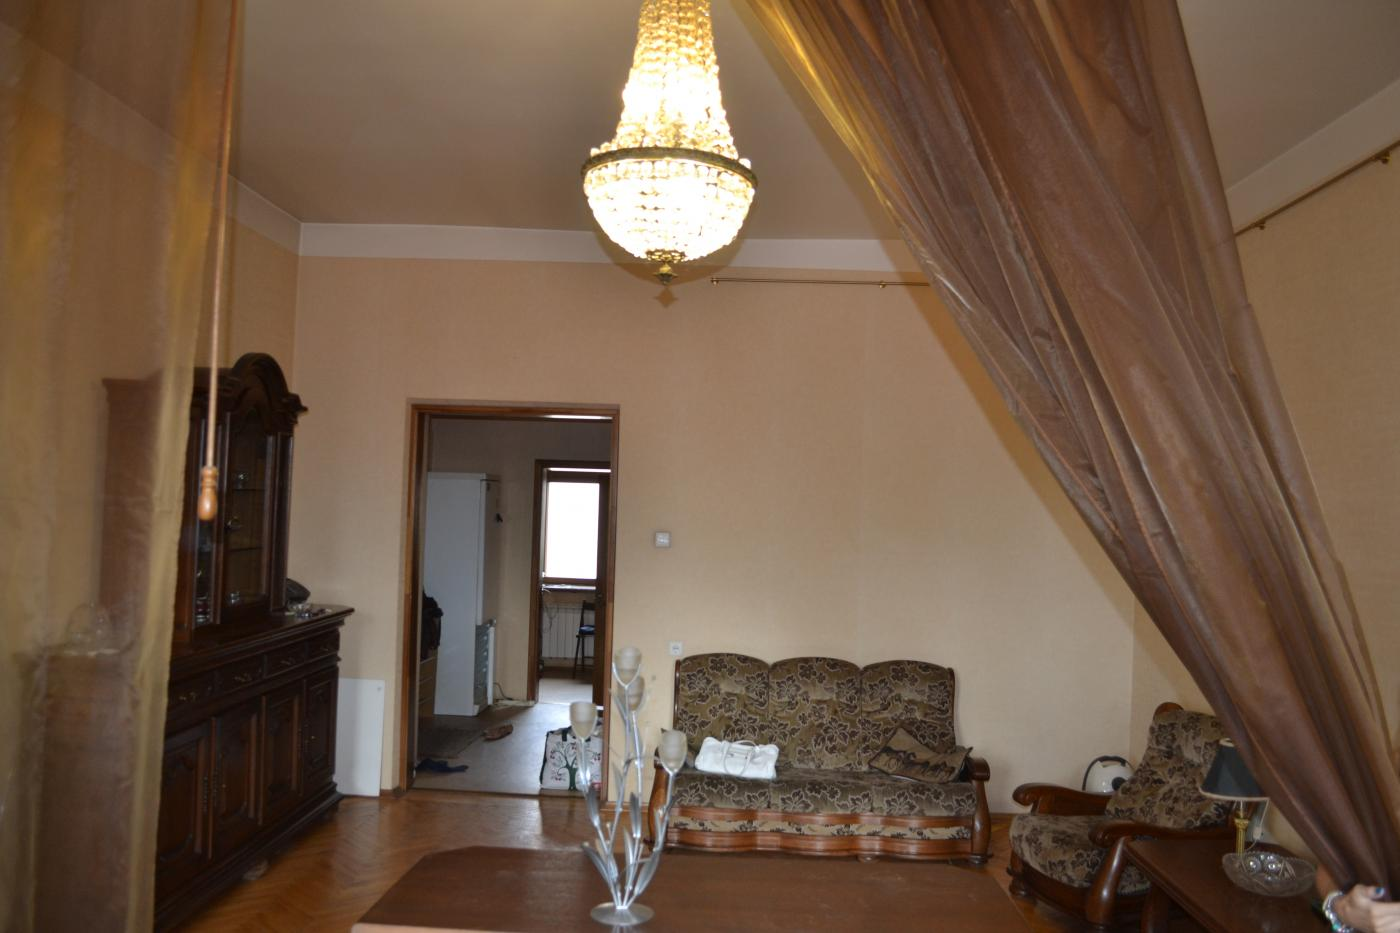 1-комнатная квартира посуточно (вариант № 1681), ул. Лермонтовский проспект, фото № 3